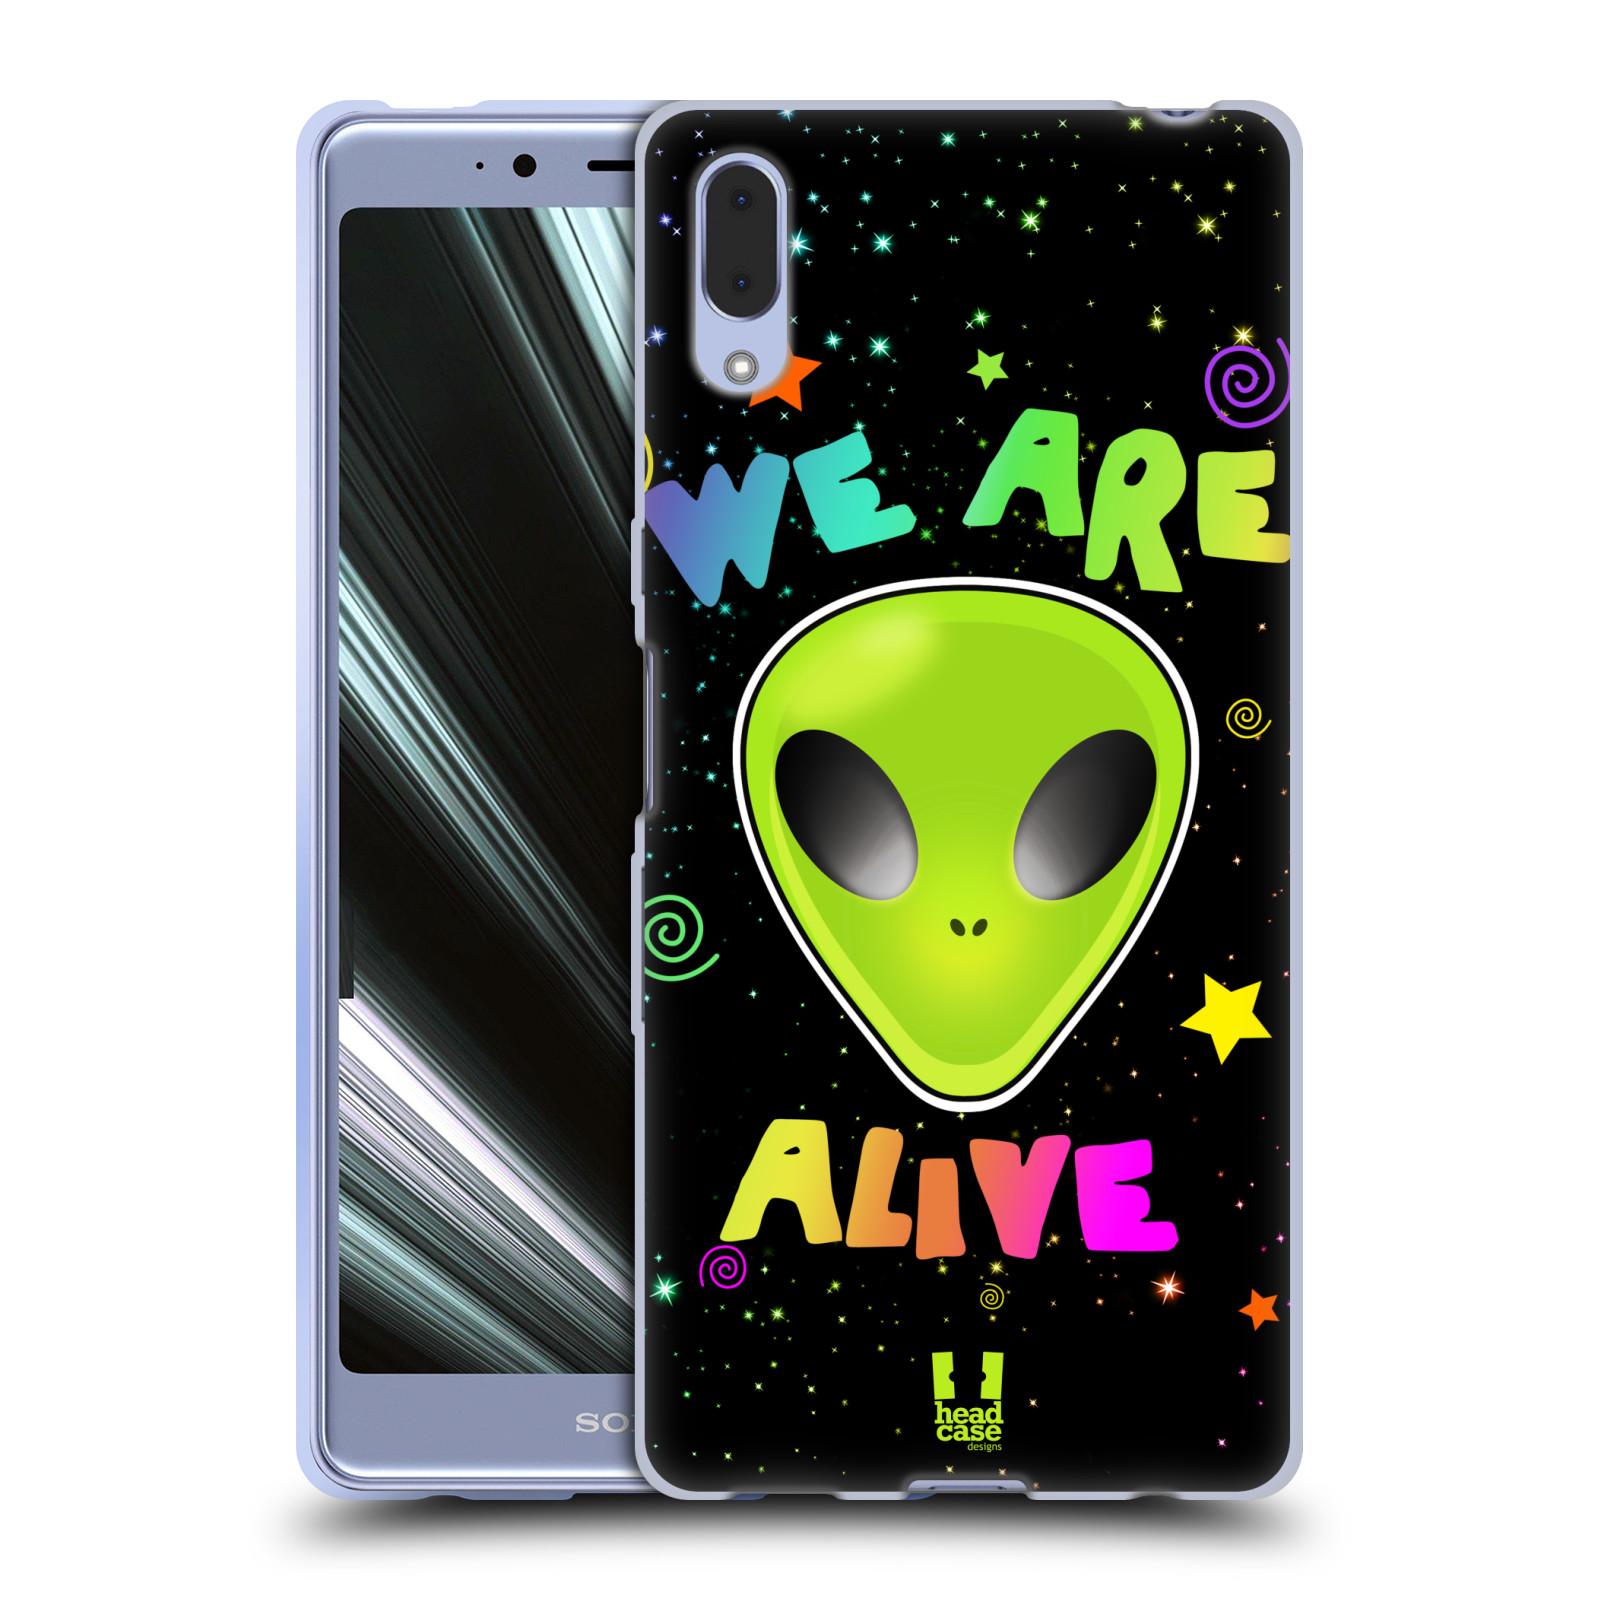 Silikonové pouzdro na mobil Sony Xperia L3 - Head Case - ALIENS ALIVE